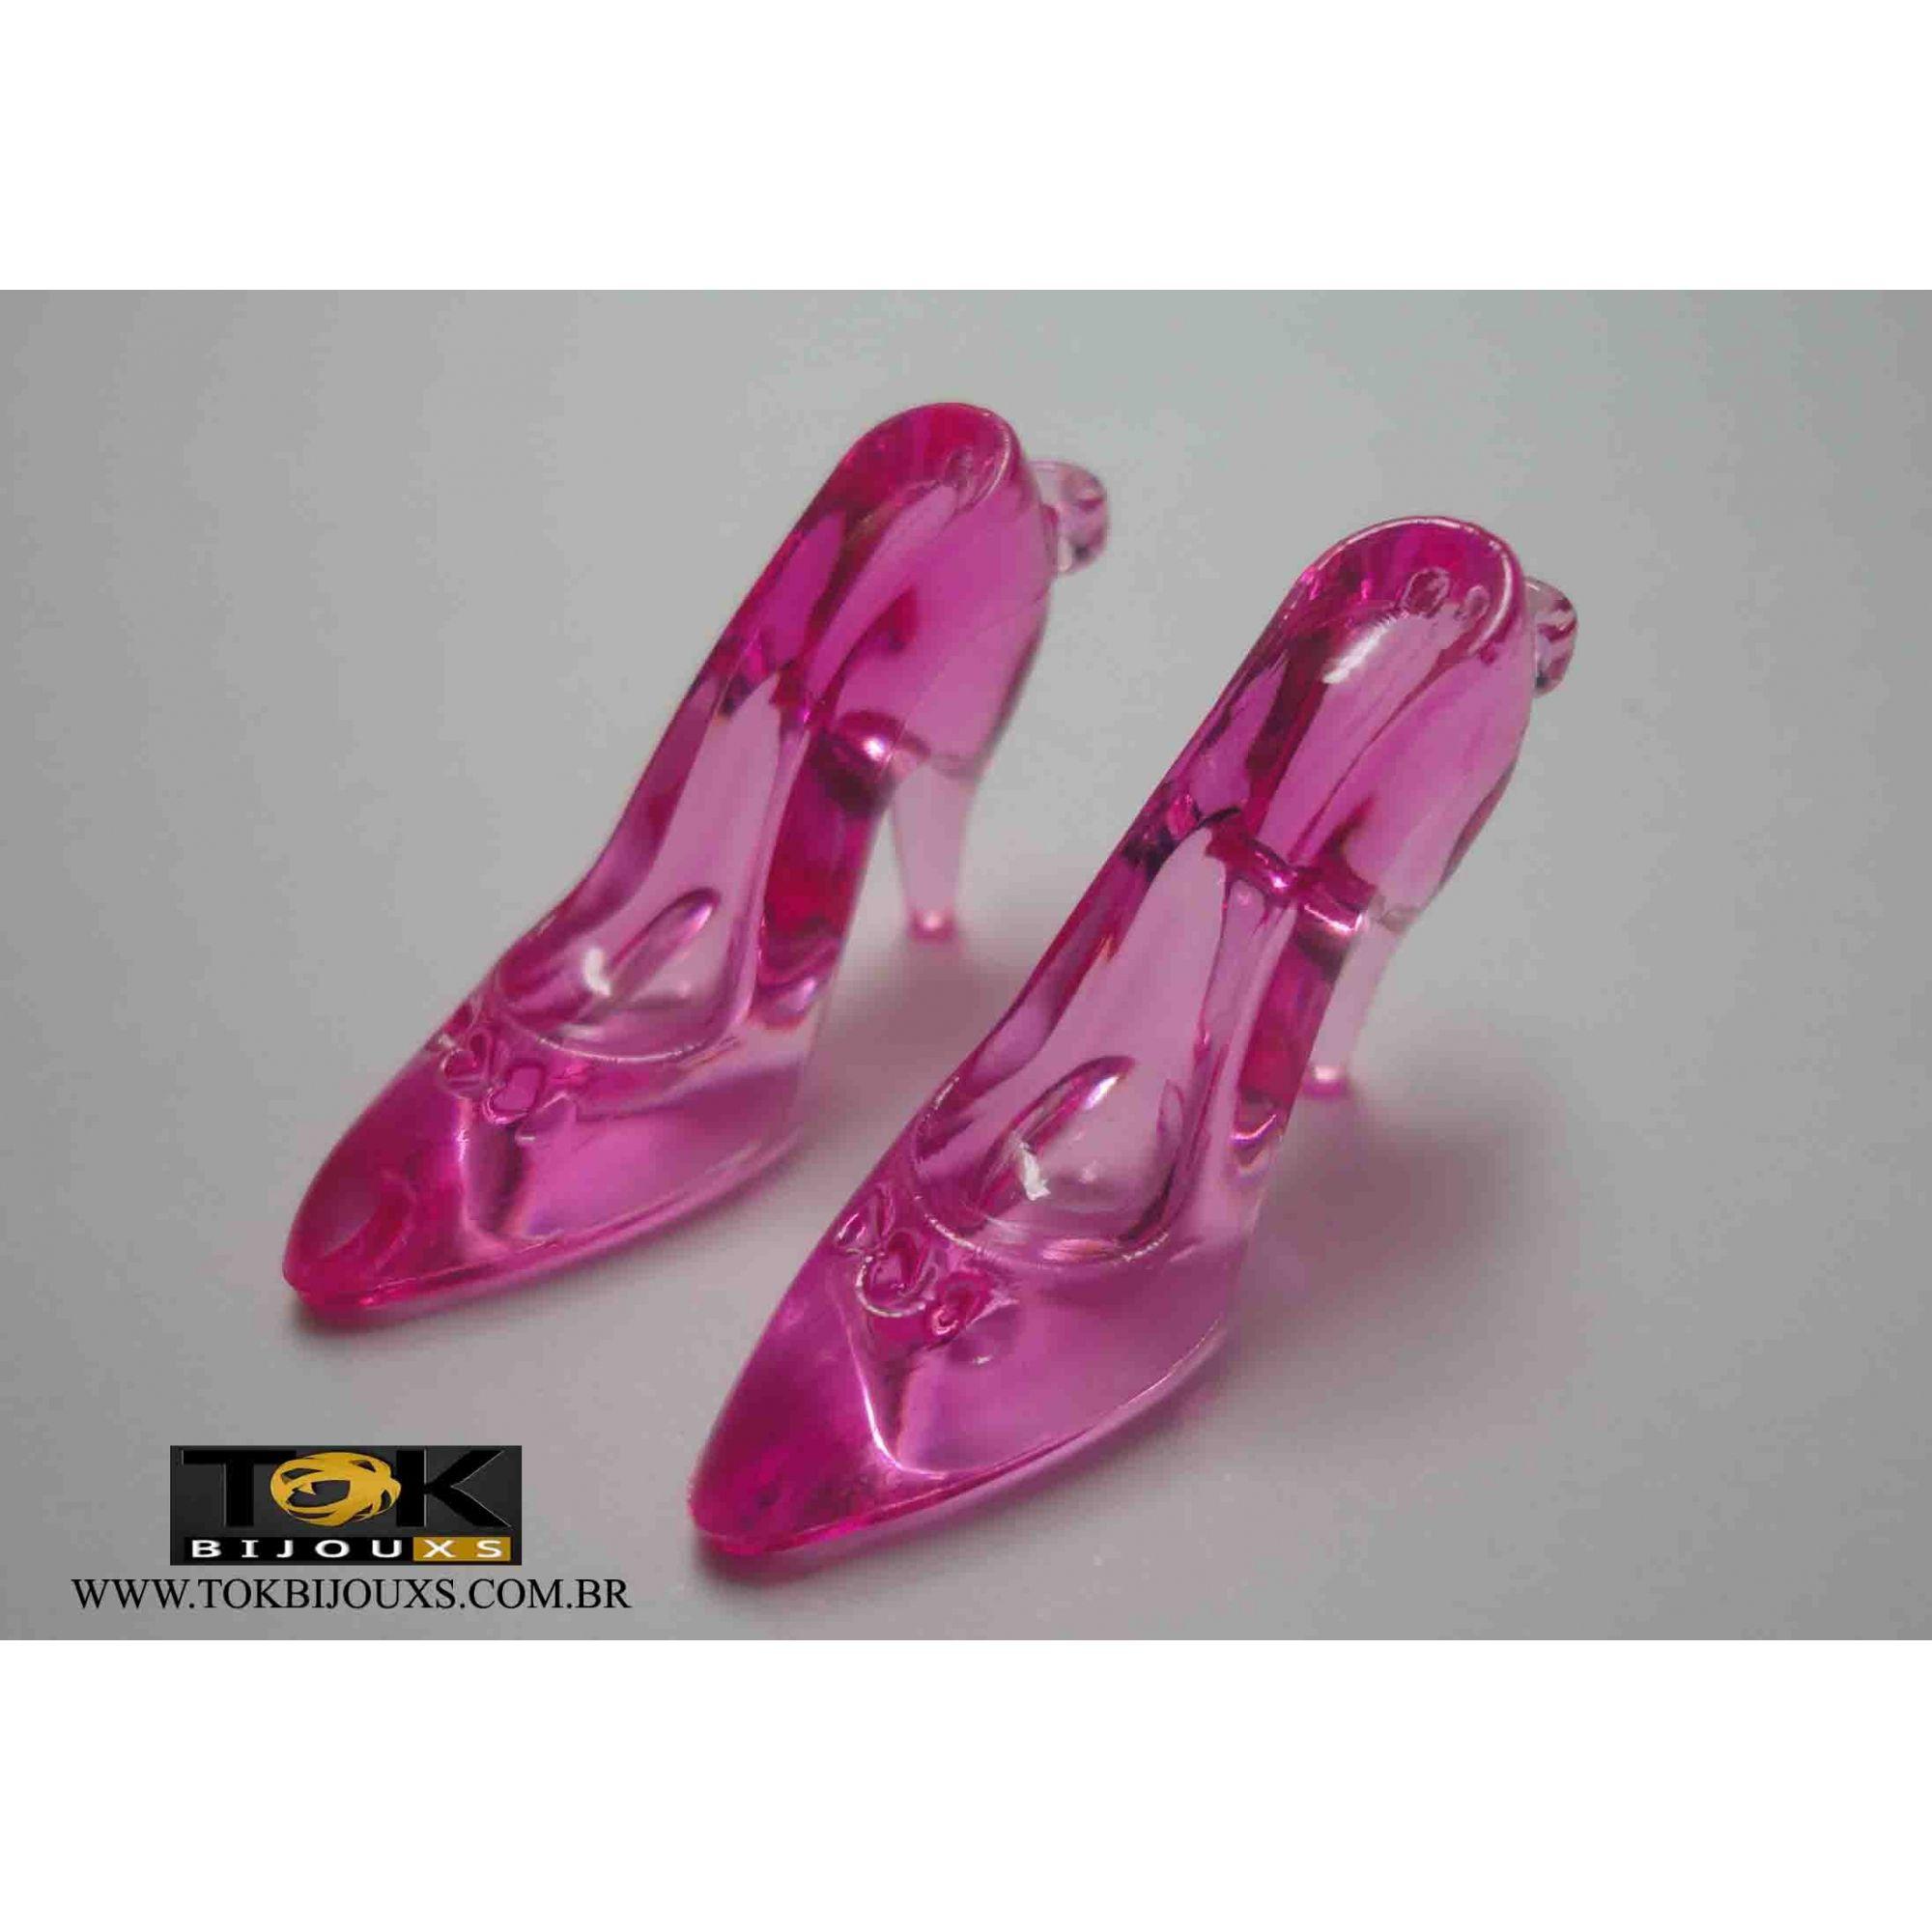 Atacado - Sapato Acrílico Pequeno - Pink - 500g